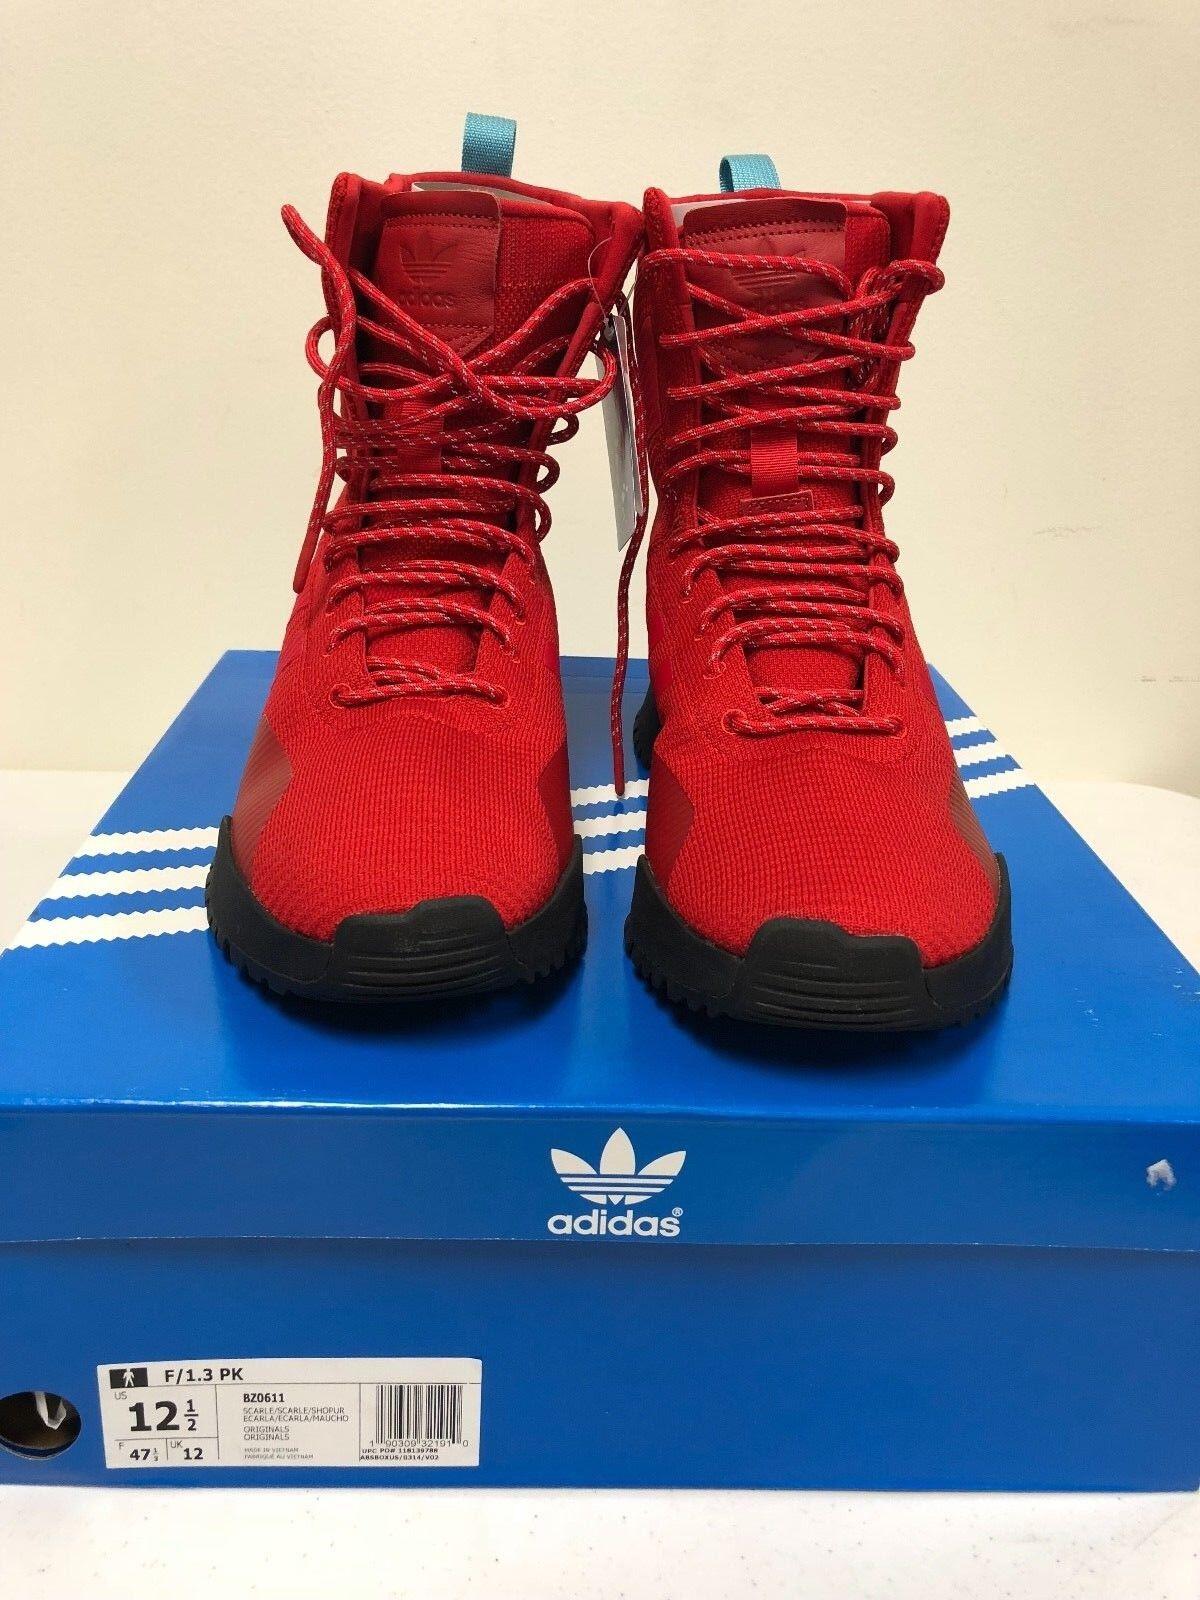 Adidas AF 1.3 Primeknit Boots BZ0611 Scarlet Red / BZ0611 Boots 767463